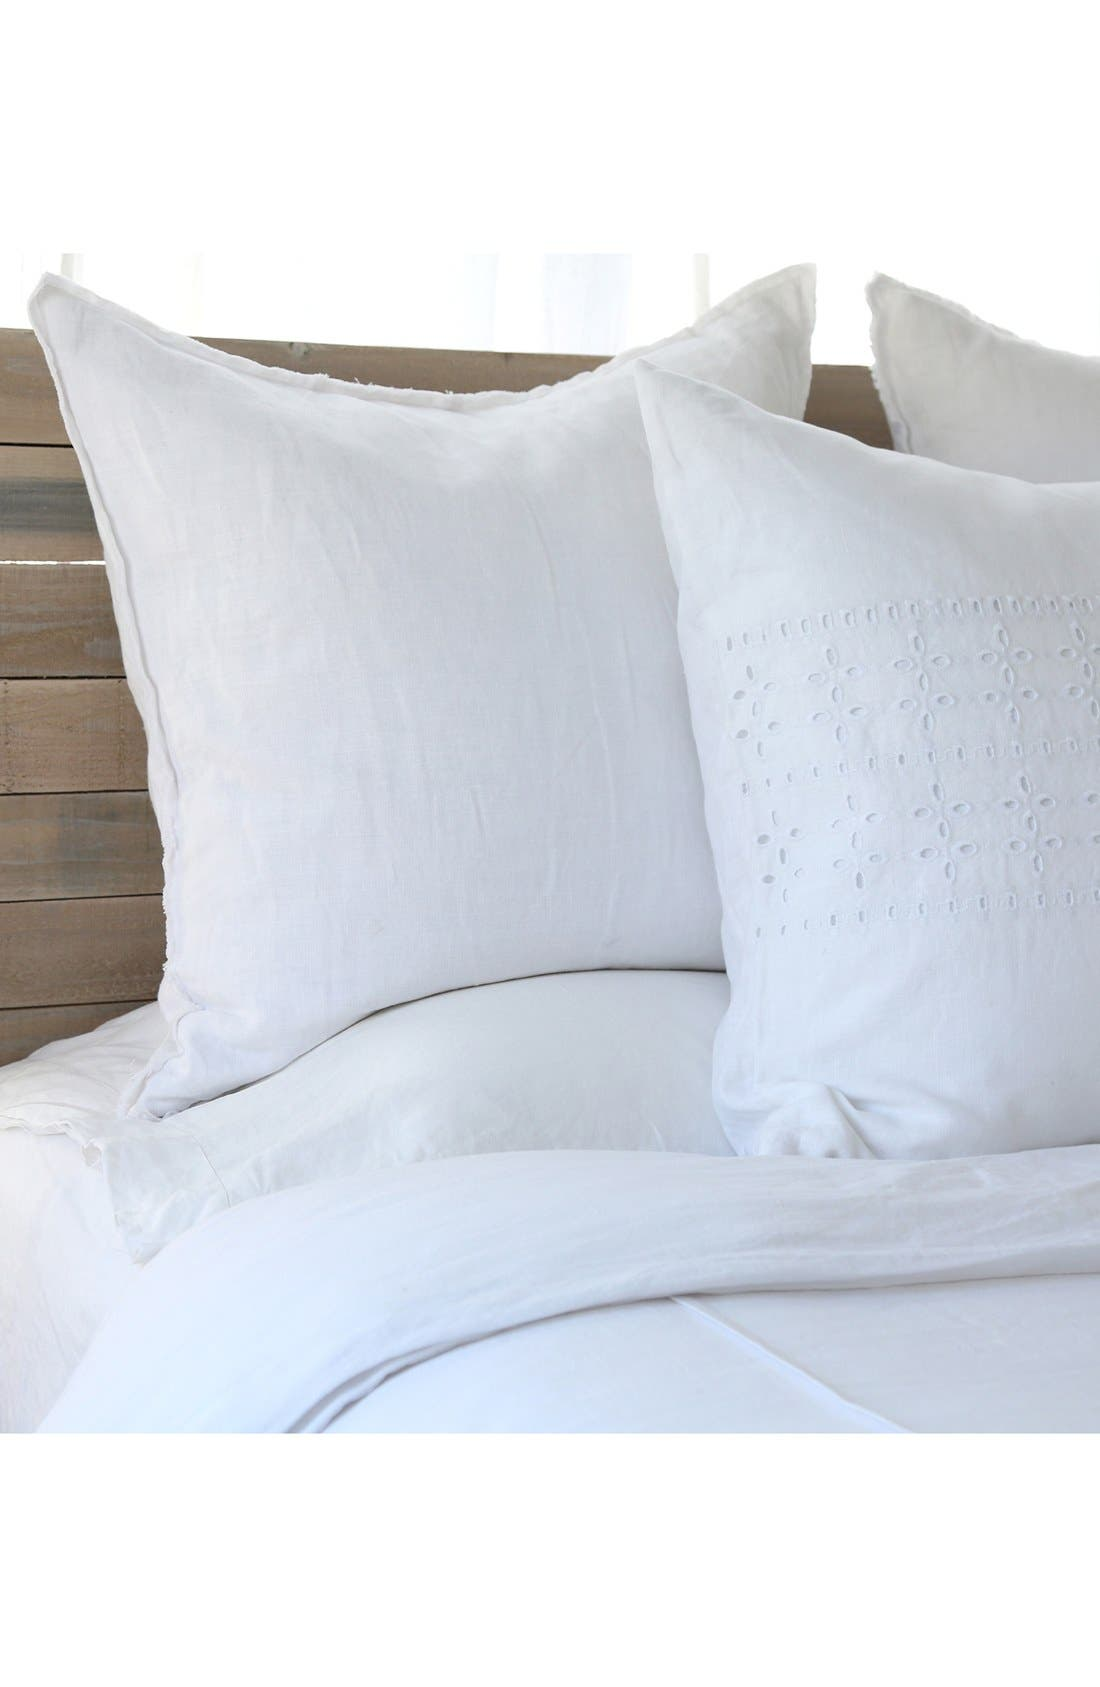 POM POM AT HOME, 'Blair' Linen Euro Pillow Sham, Alternate thumbnail 2, color, WHITE